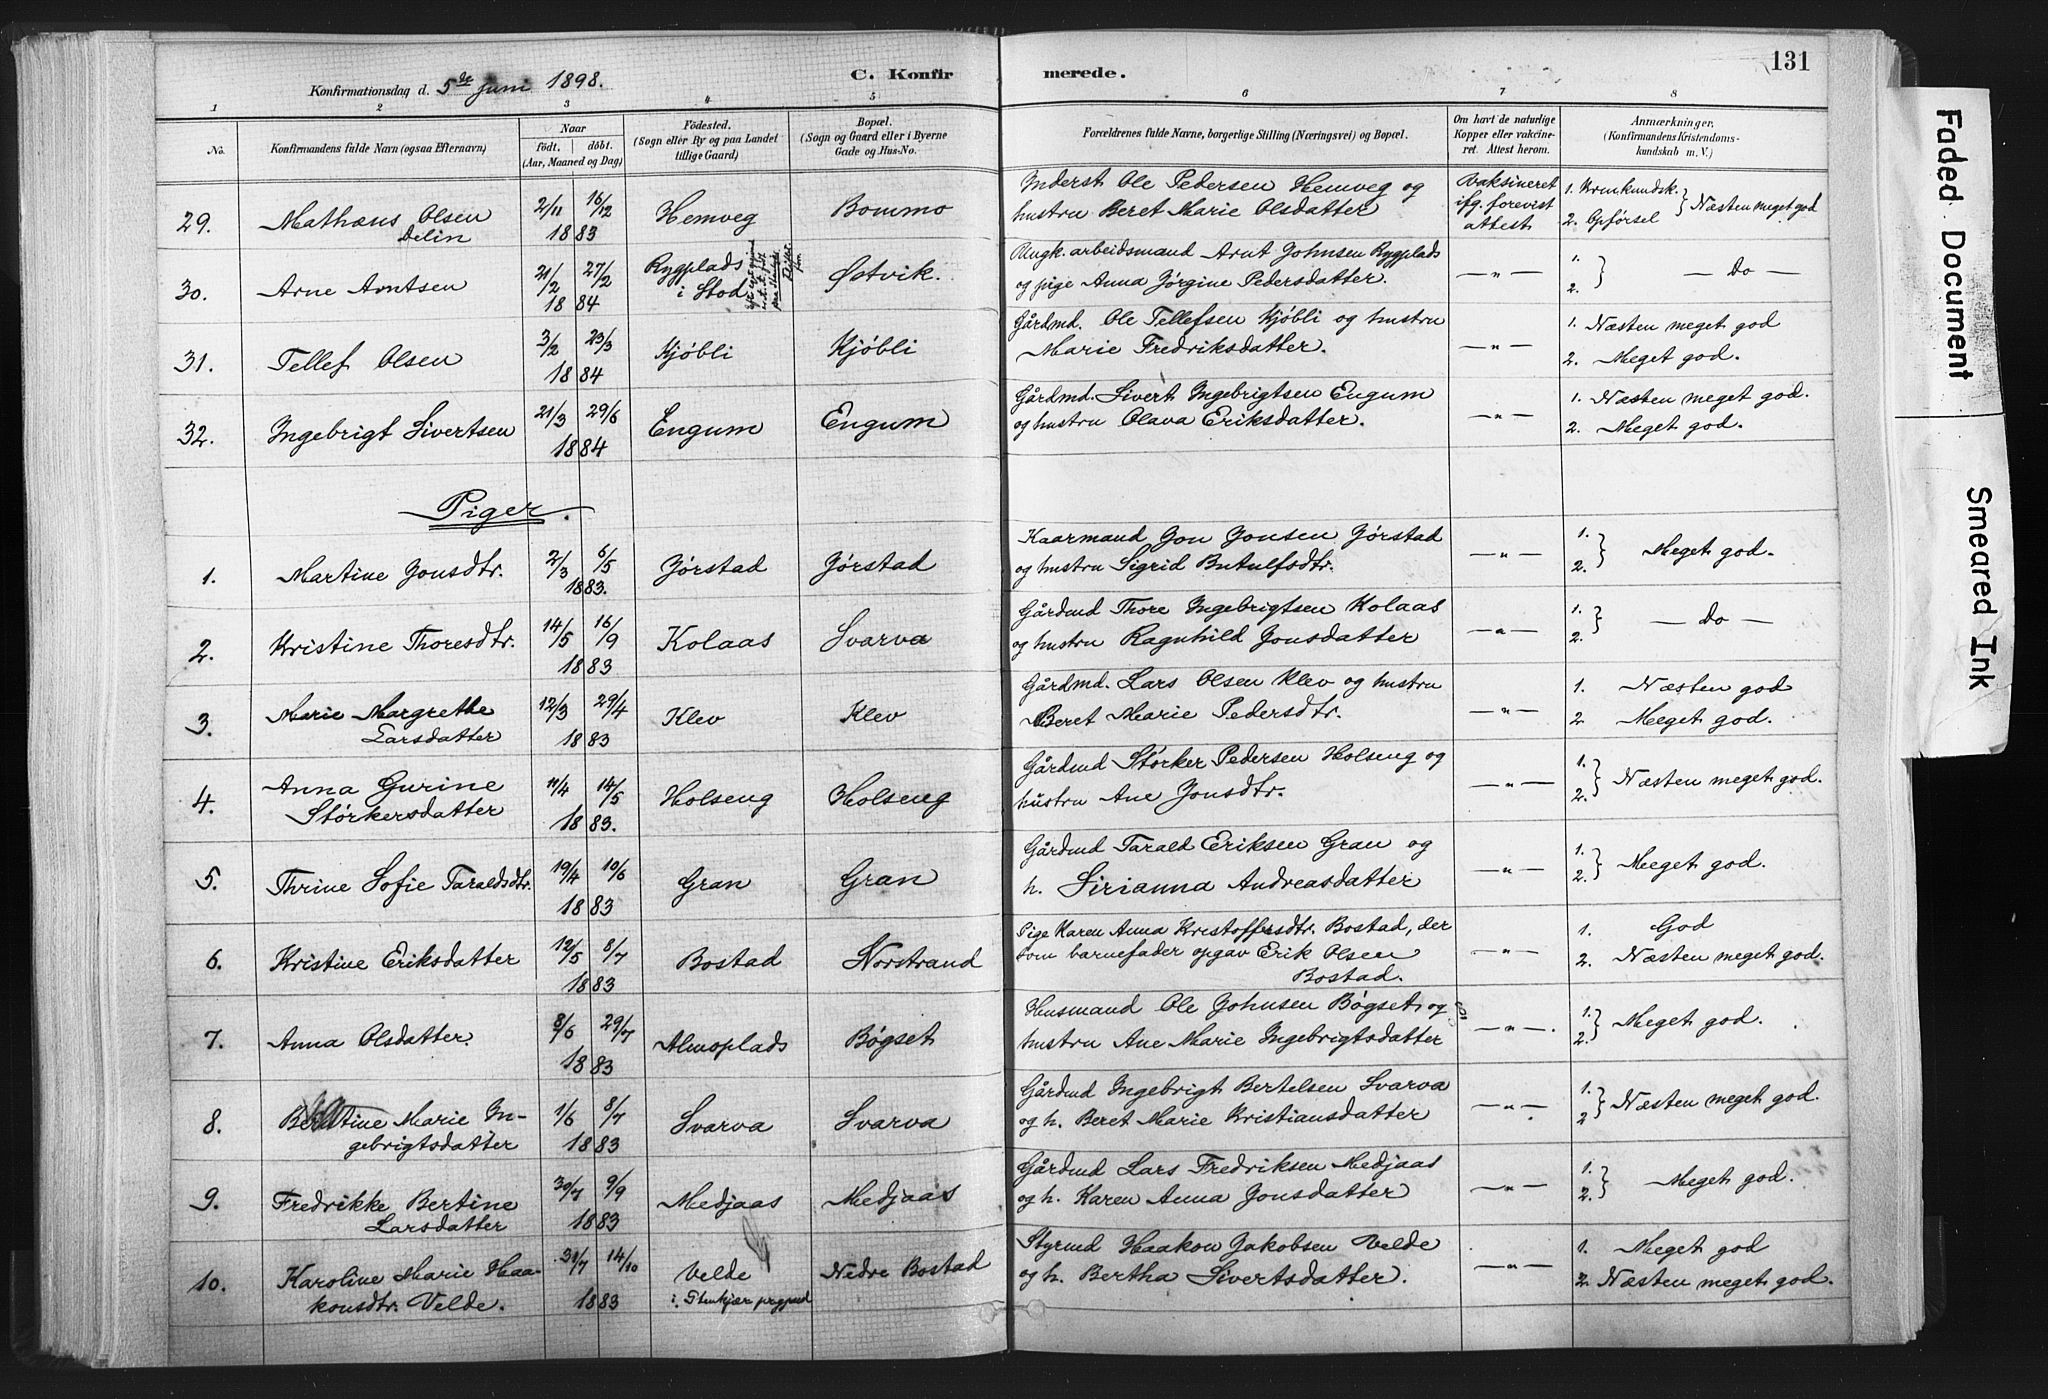 SAT, Ministerialprotokoller, klokkerbøker og fødselsregistre - Nord-Trøndelag, 749/L0474: Ministerialbok nr. 749A08, 1887-1903, s. 131